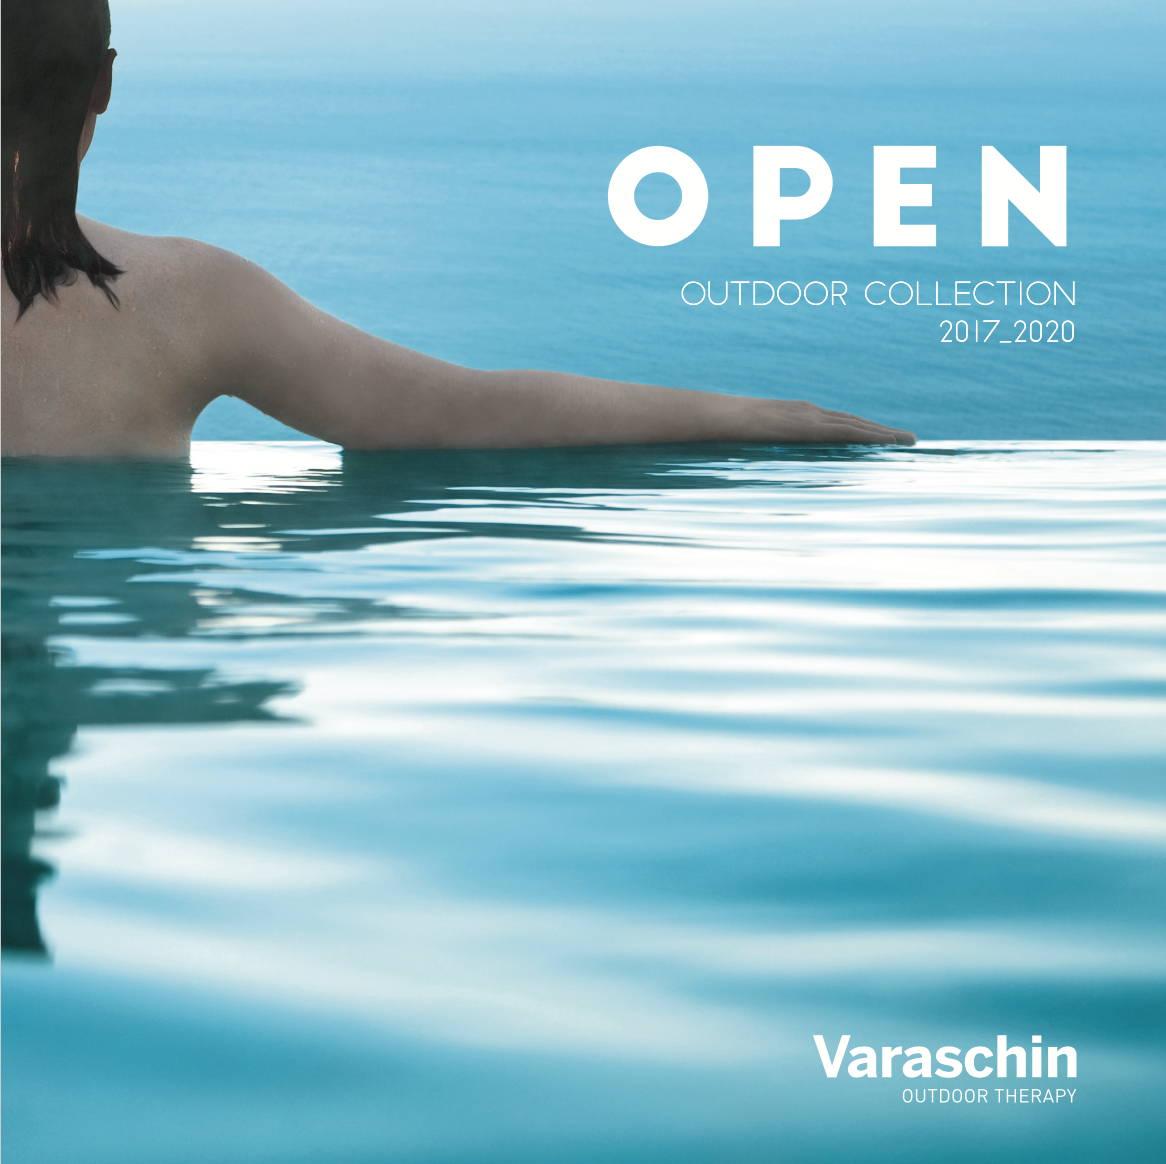 Varaschin Open Outdoor